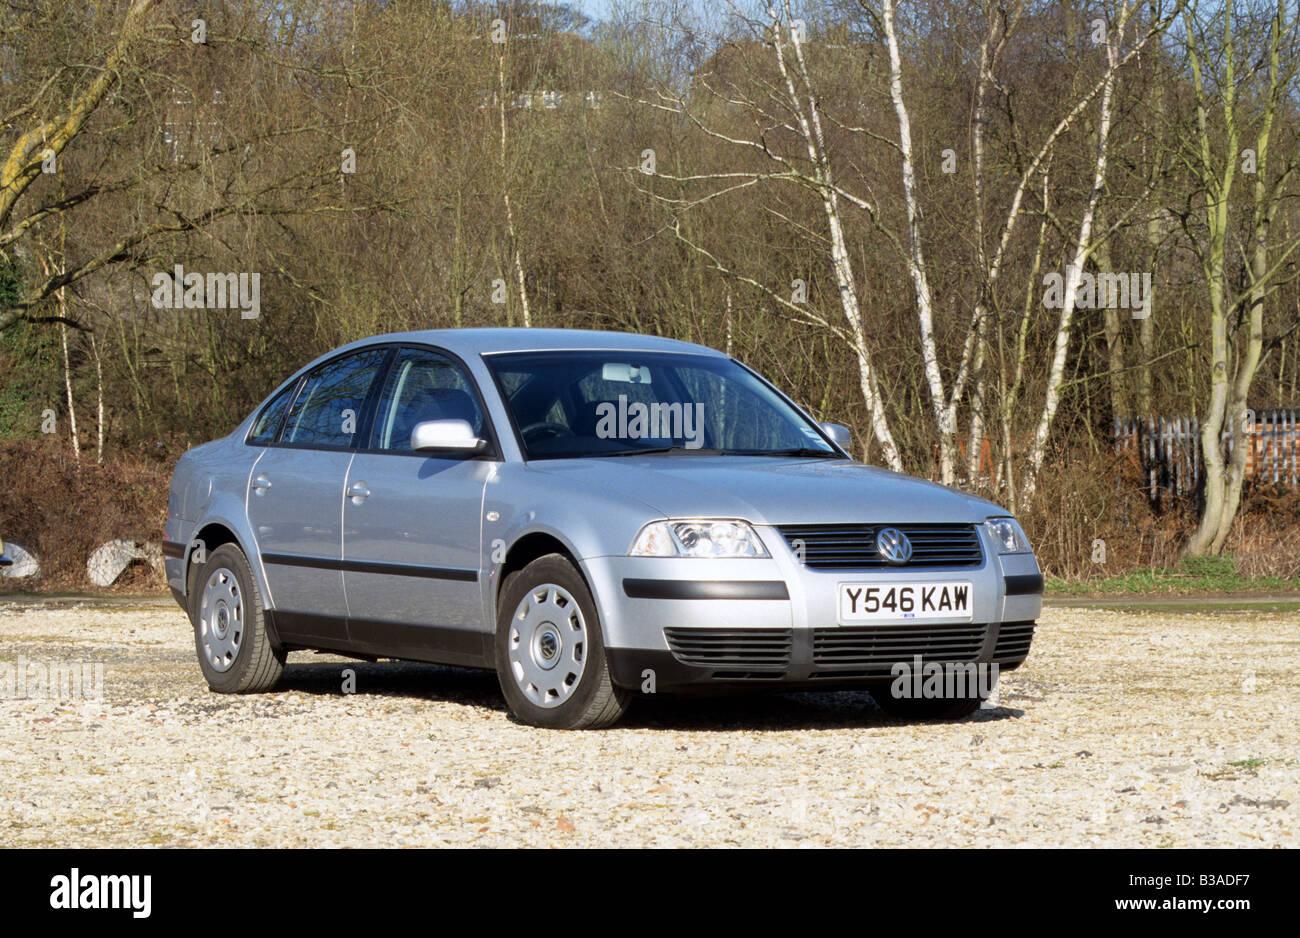 Volkswagen passat saloon tdi of 2001 model years 1997 2001 stock image